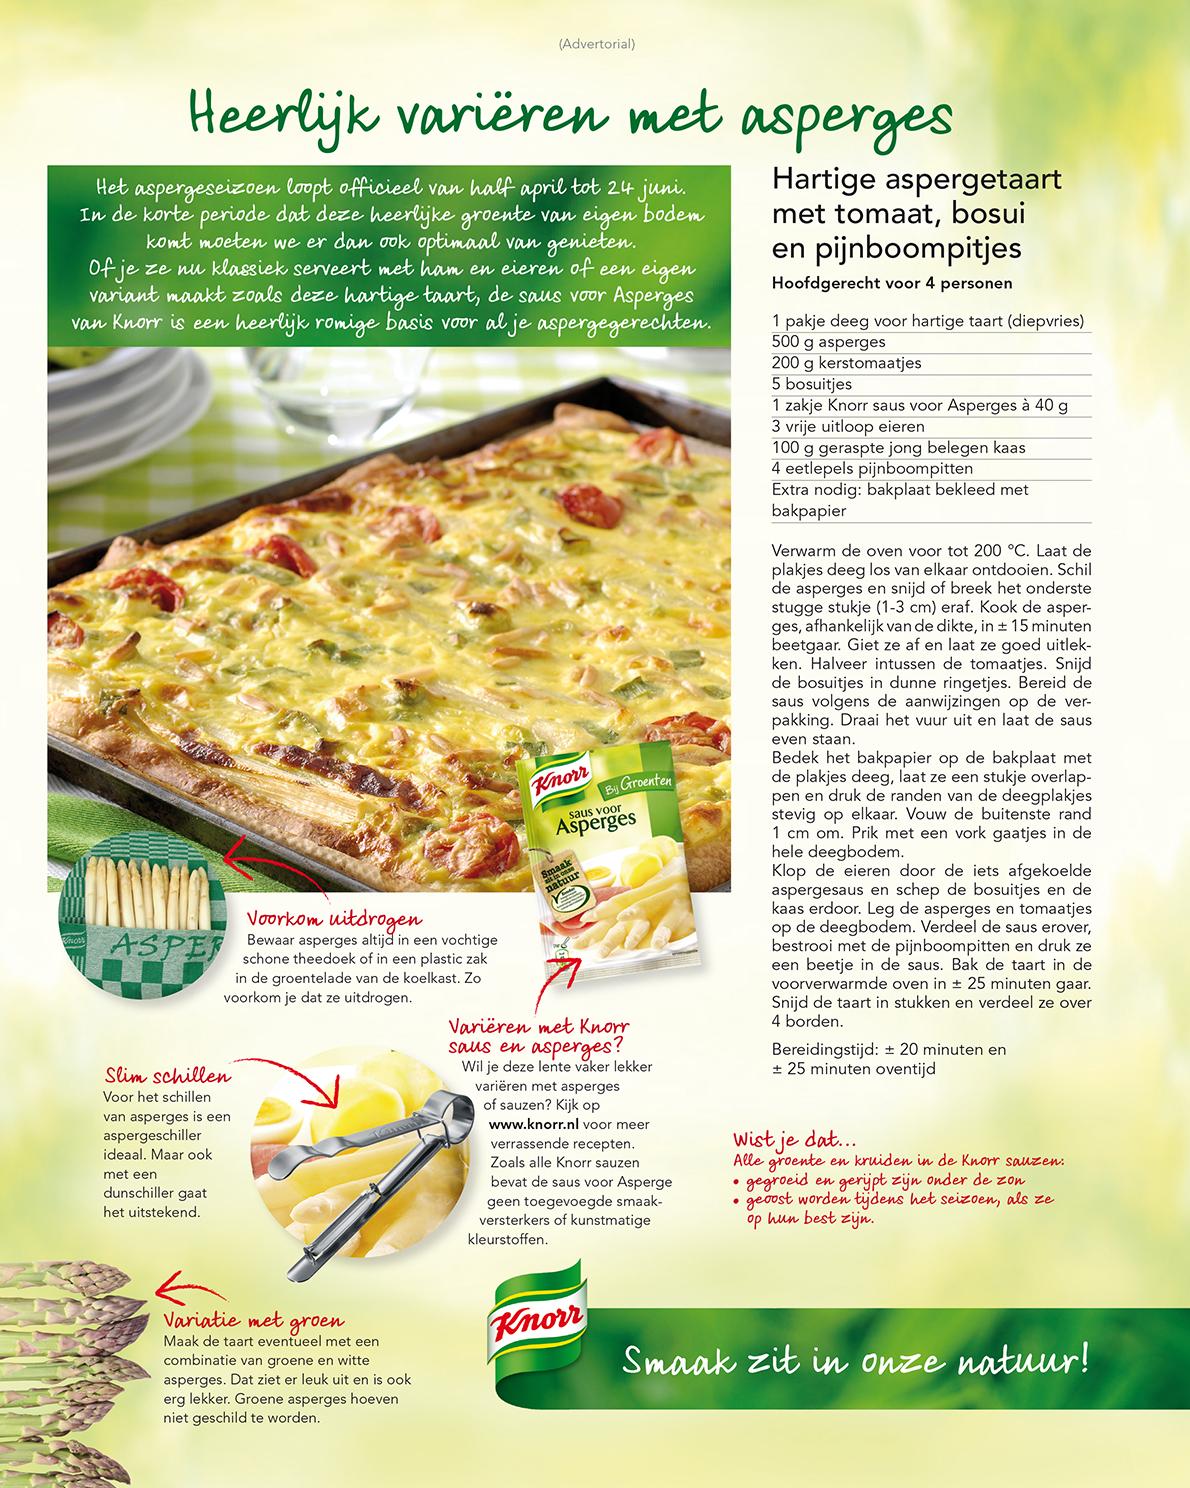 Knorr advertorials sauzen